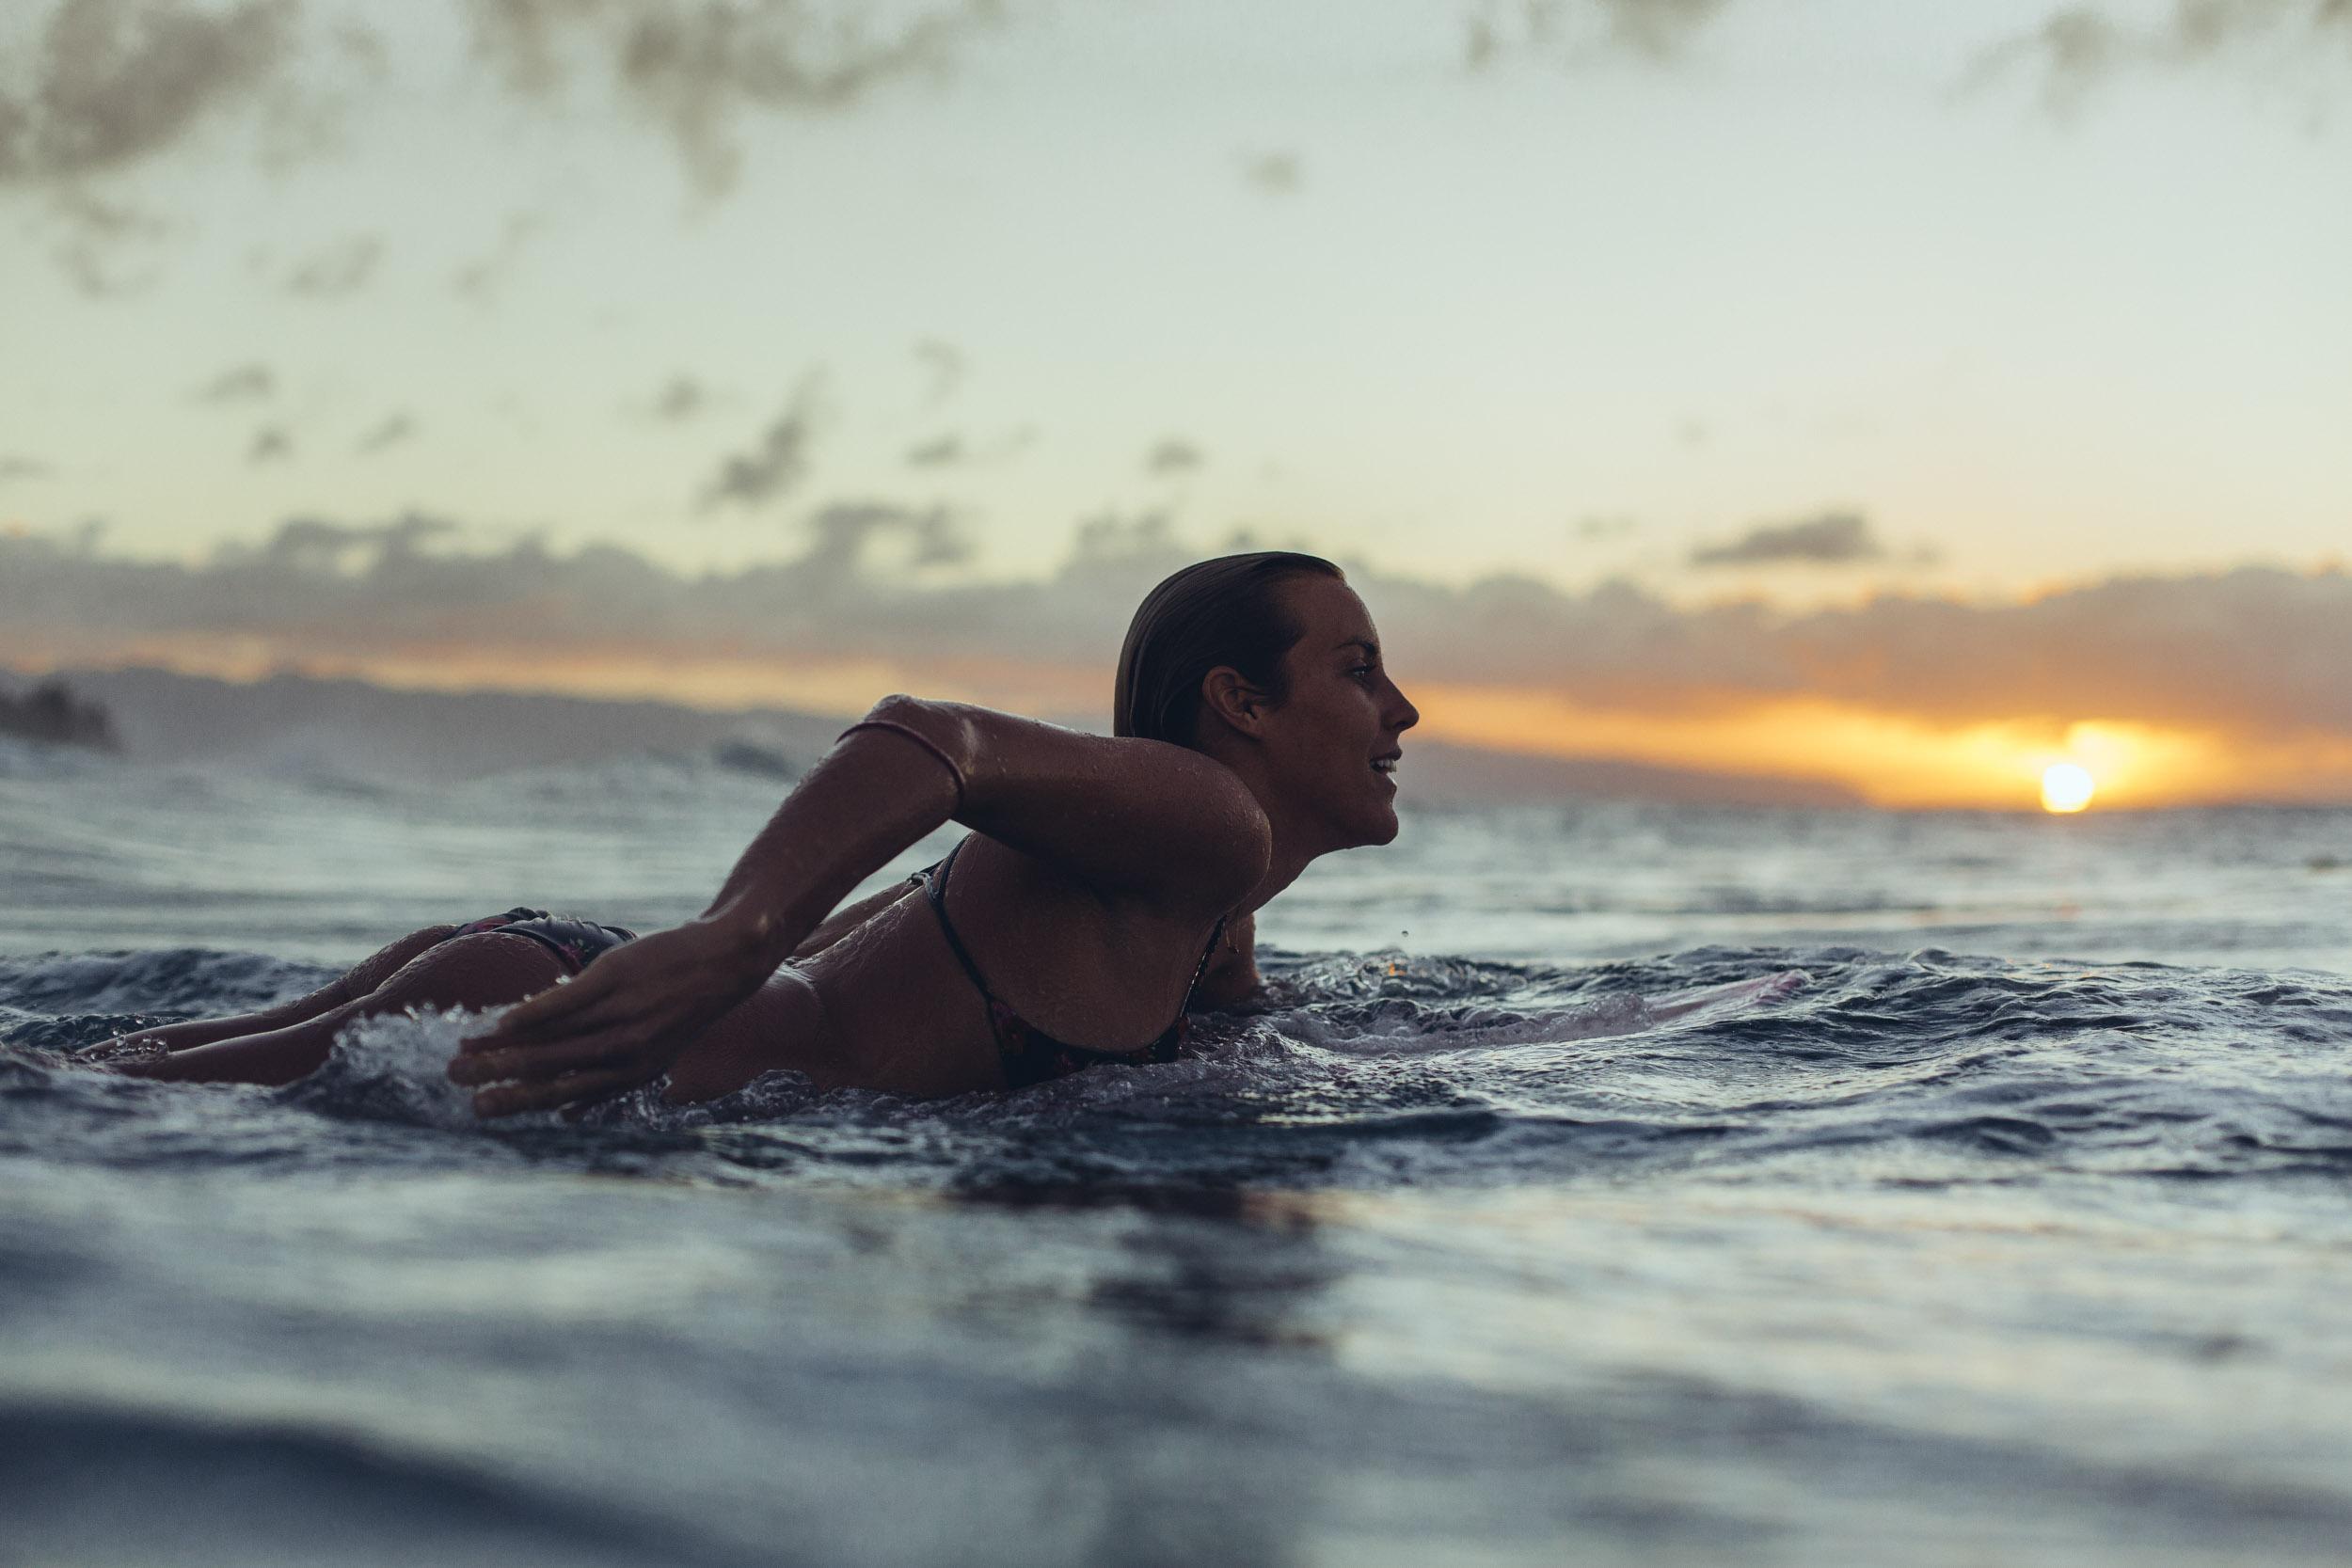 Leila Hurst paddling